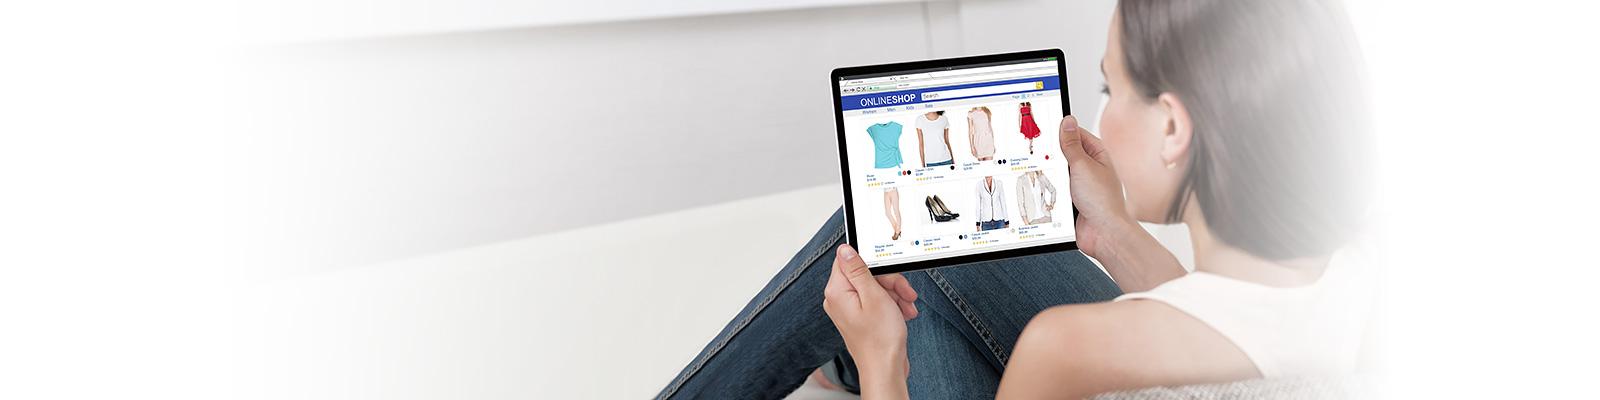 オンラインショッピング 消費者 Eコマース イメージ